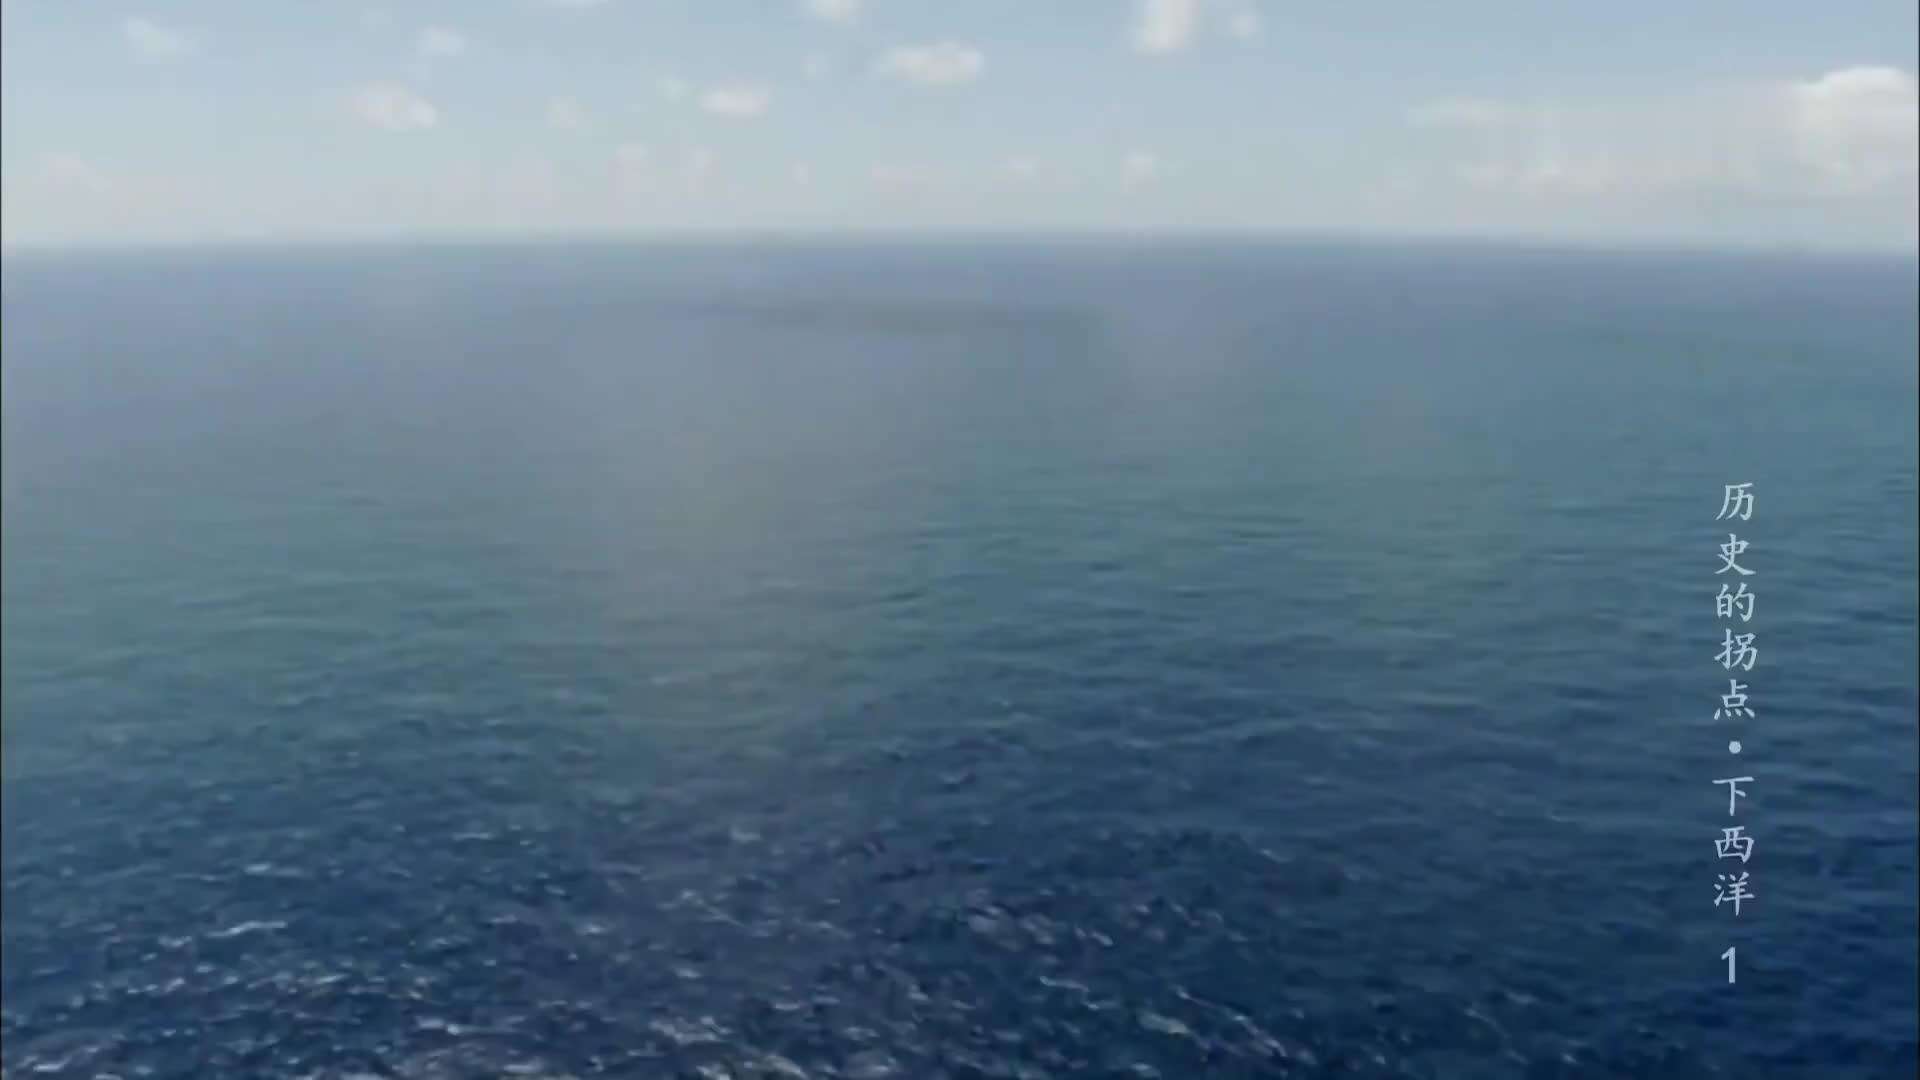 下西洋第一集(1)郑和七下西洋